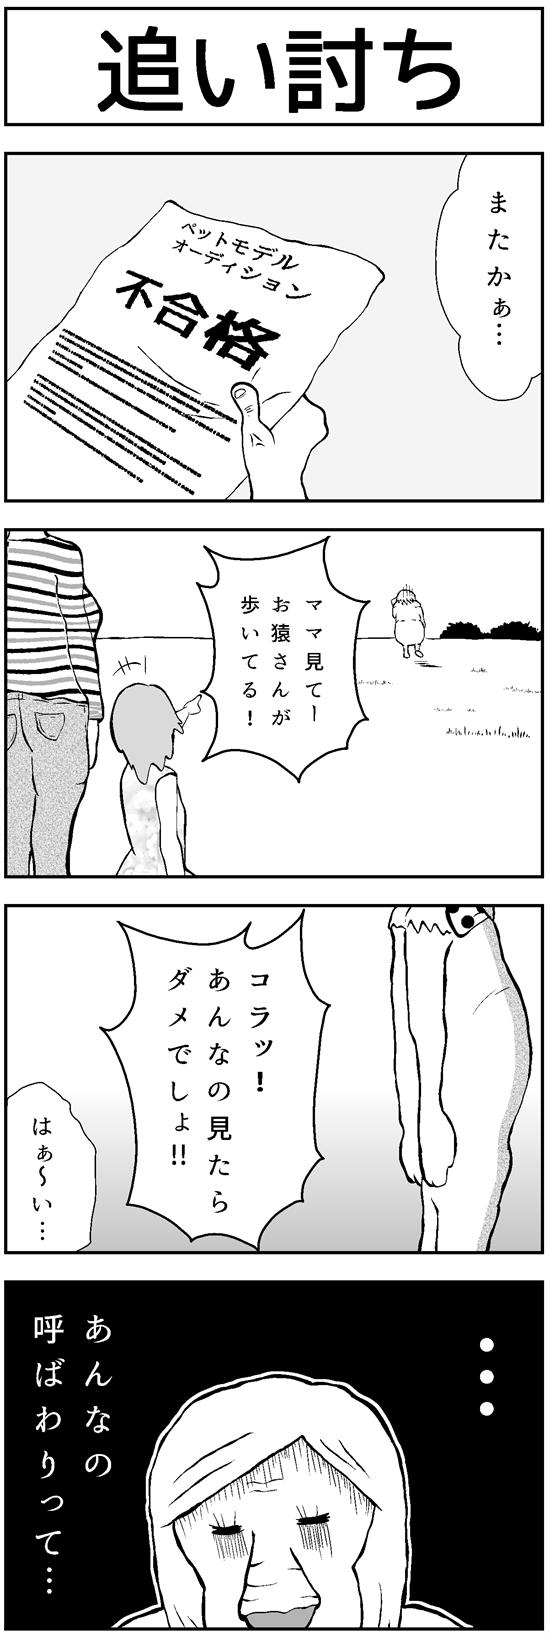 モンキーストーリー02